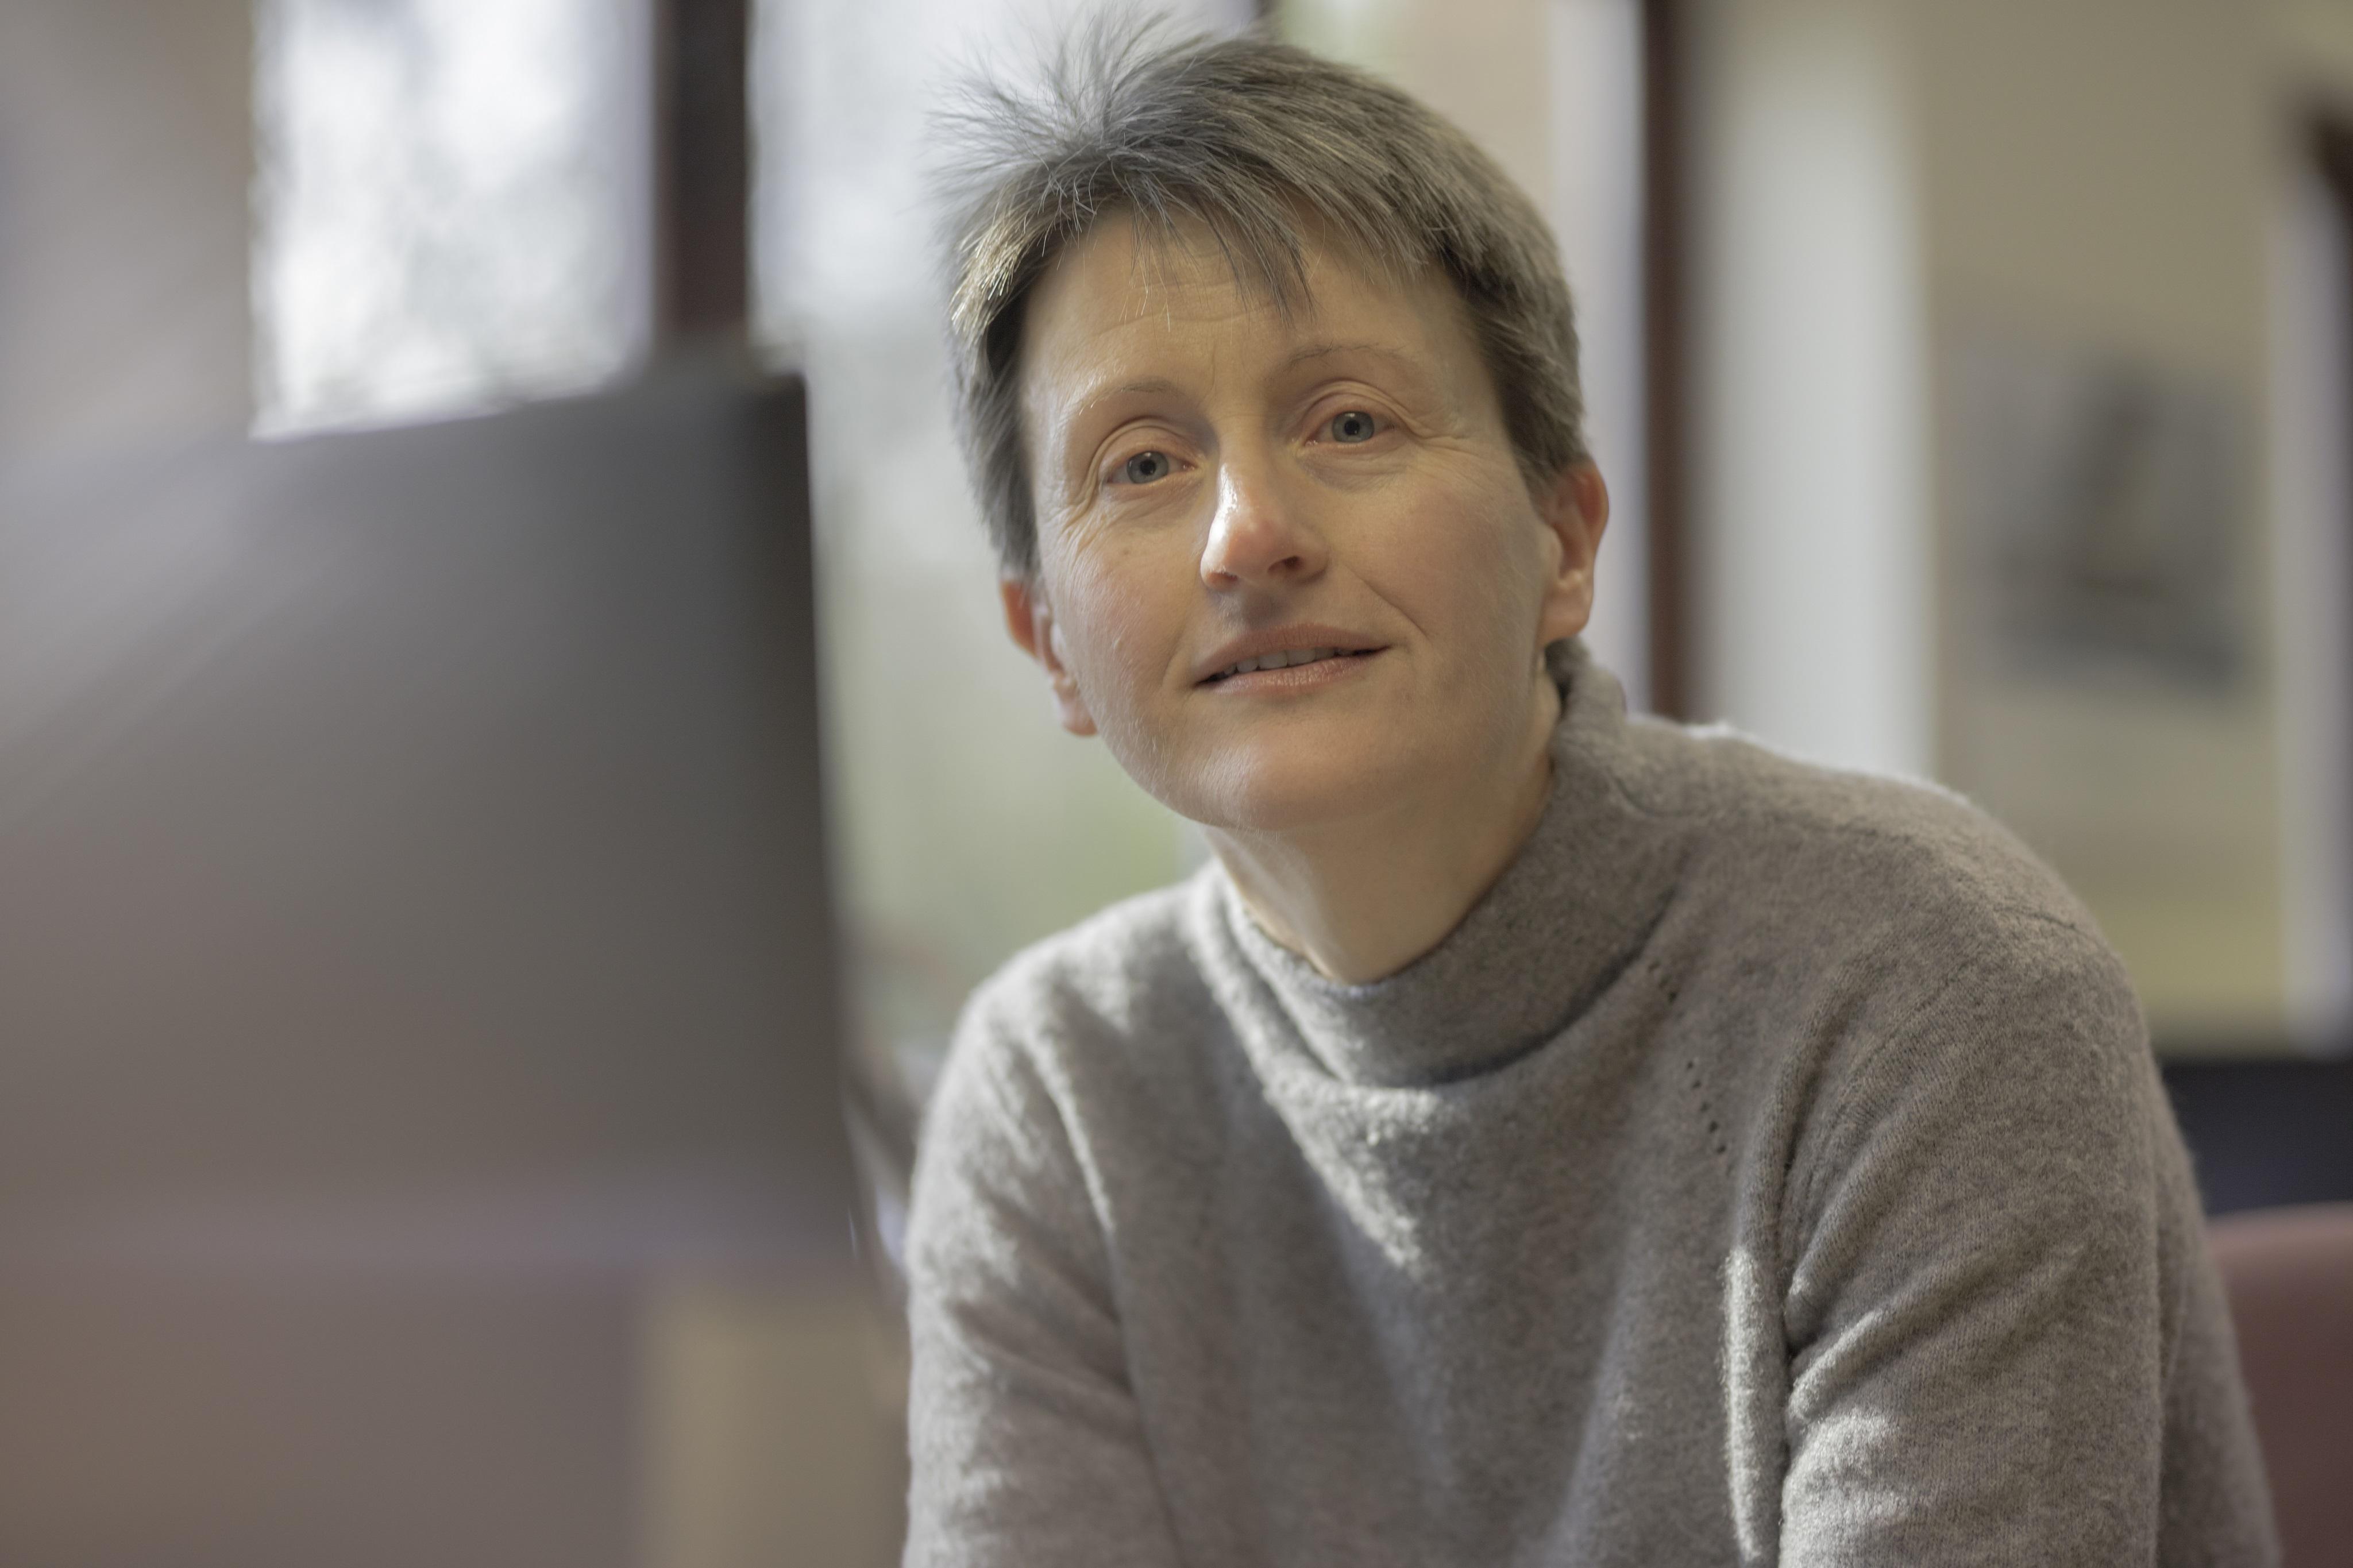 Dr Alison Little